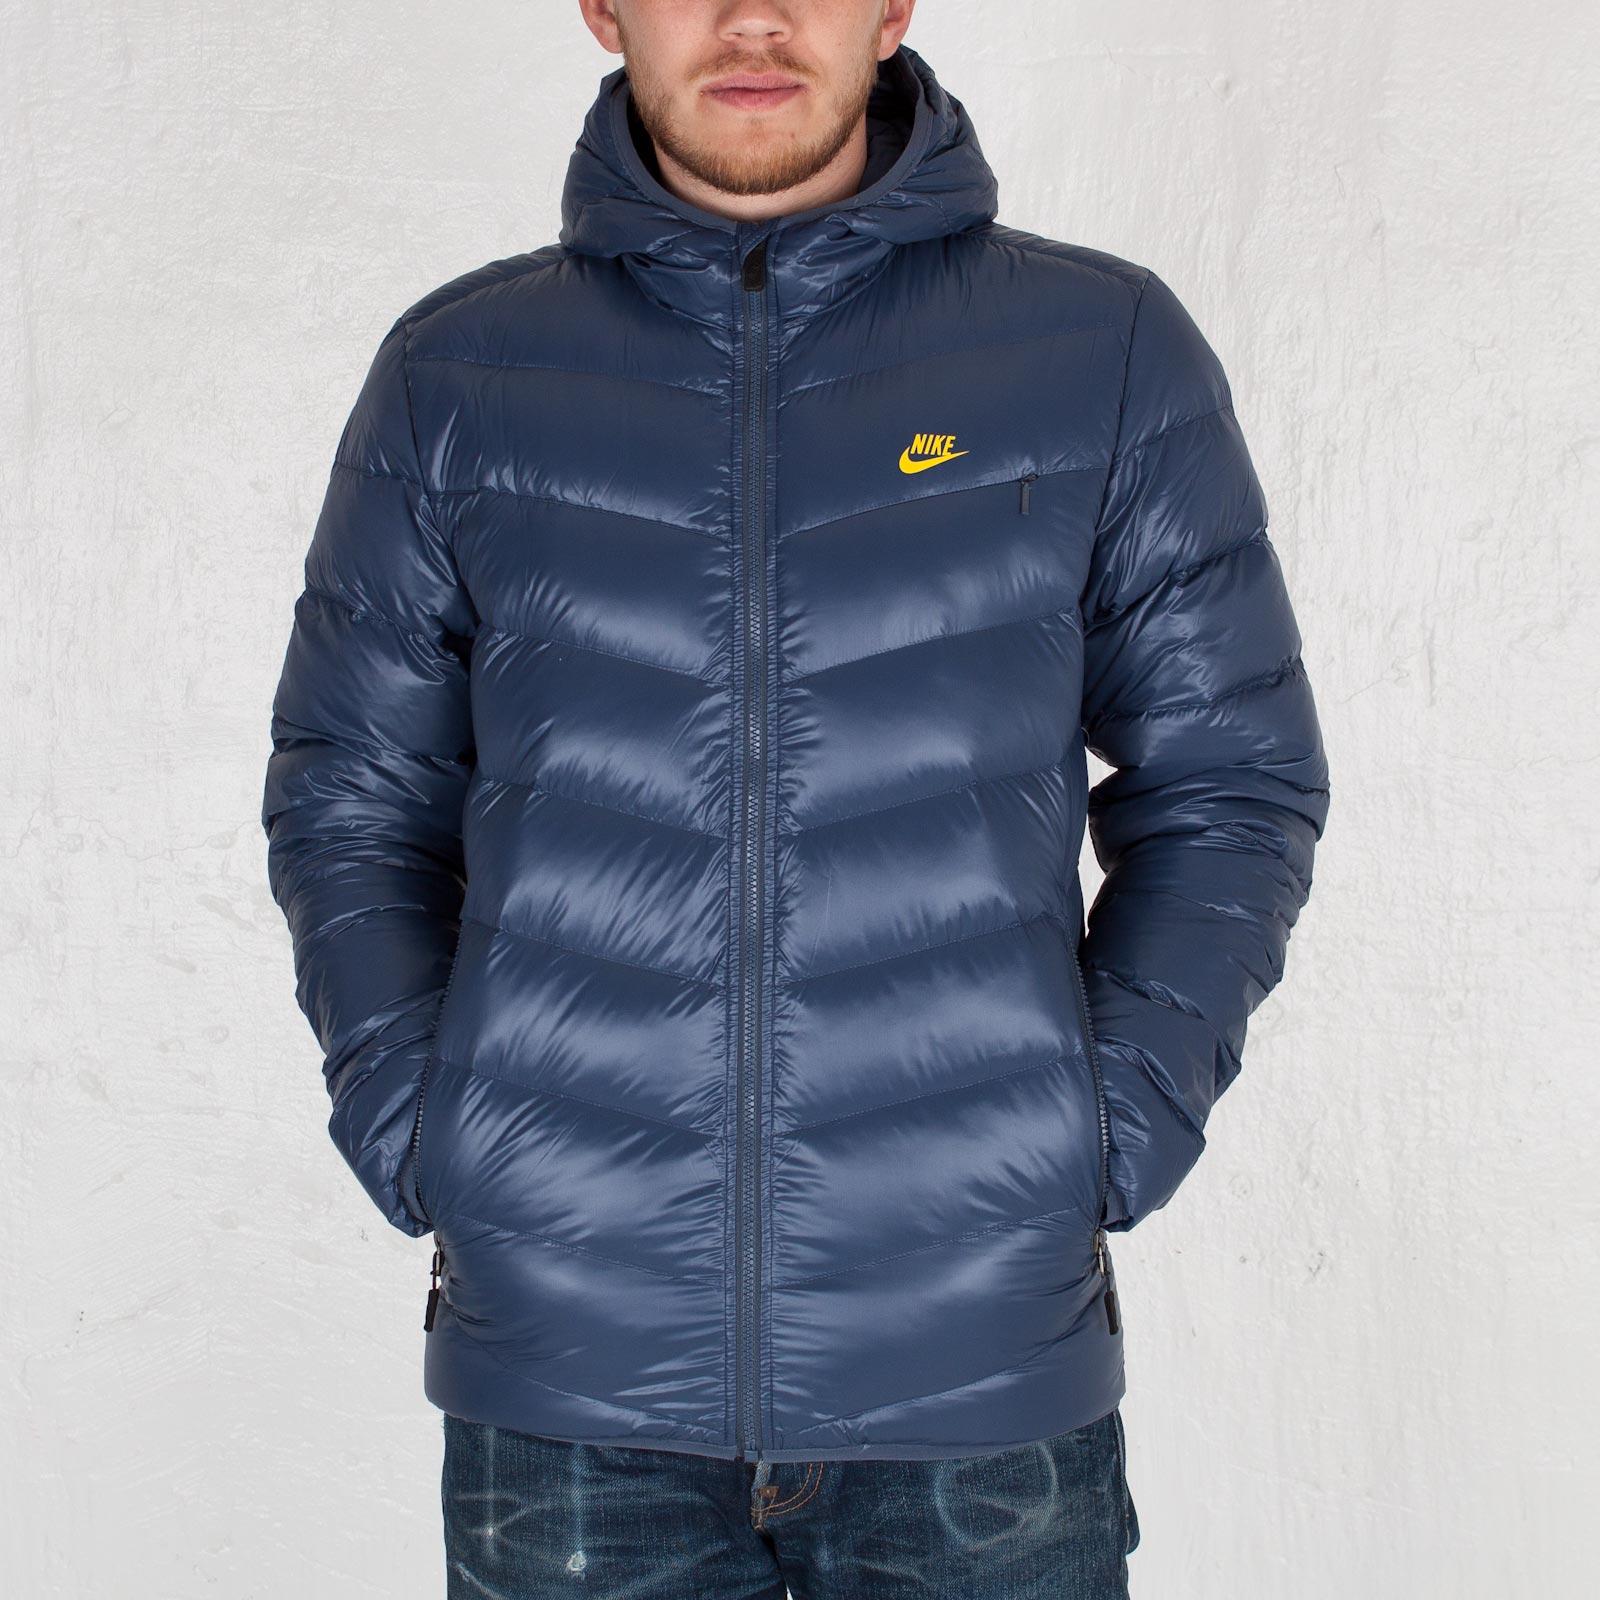 Nike Cascade 700 Down Hooded Jacket - 111230 - Sneakersnstuff ... b985b5c84e54